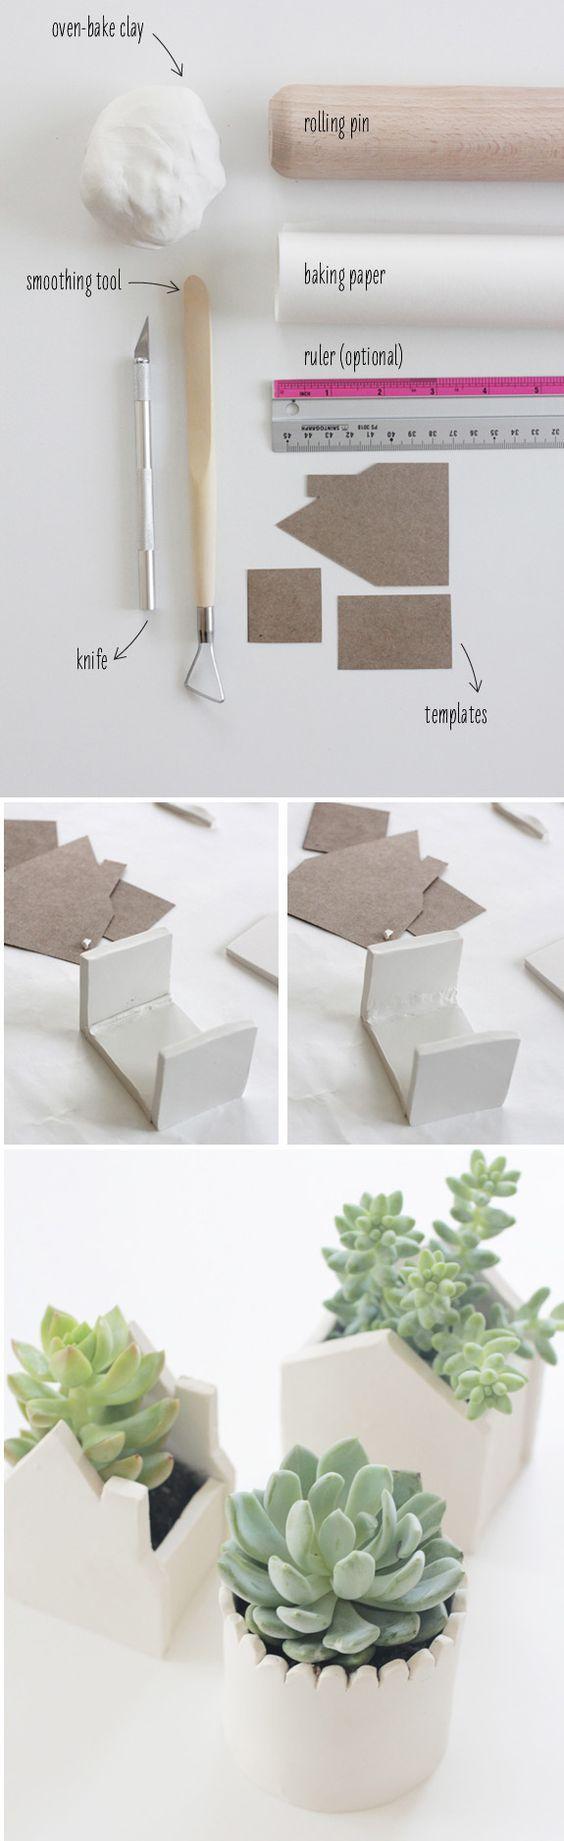 come fare vasi per piantine: